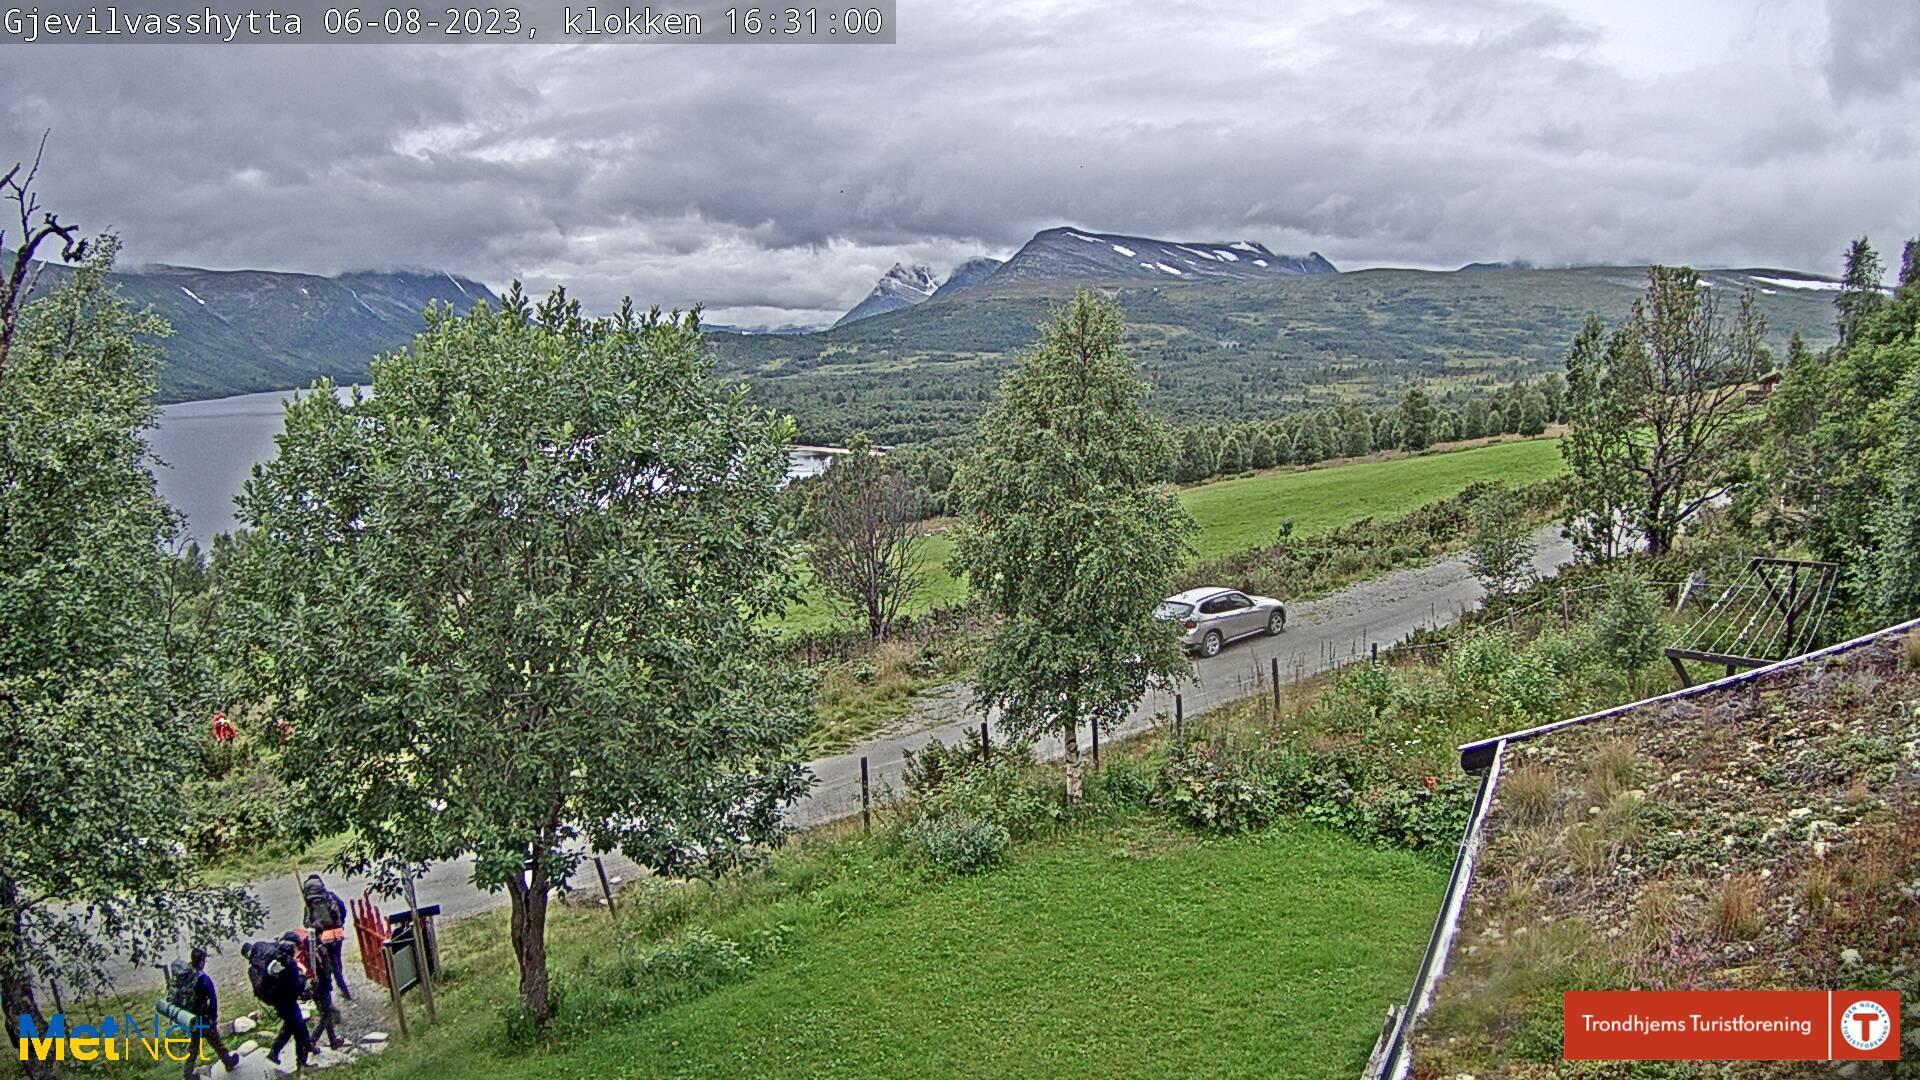 Webcam Munkvoll › West: Utsikt fra Gjevilvasshytta mot Ok